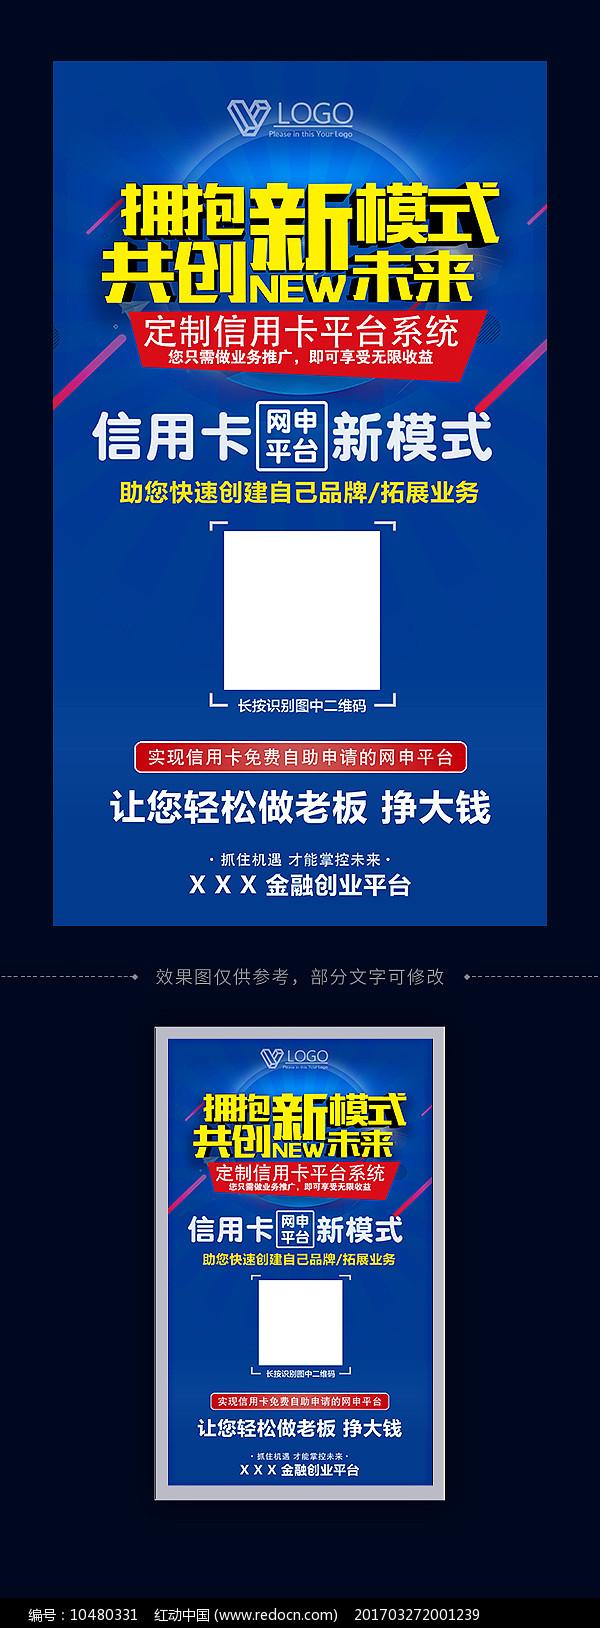 信用卡宣传推广海报图片